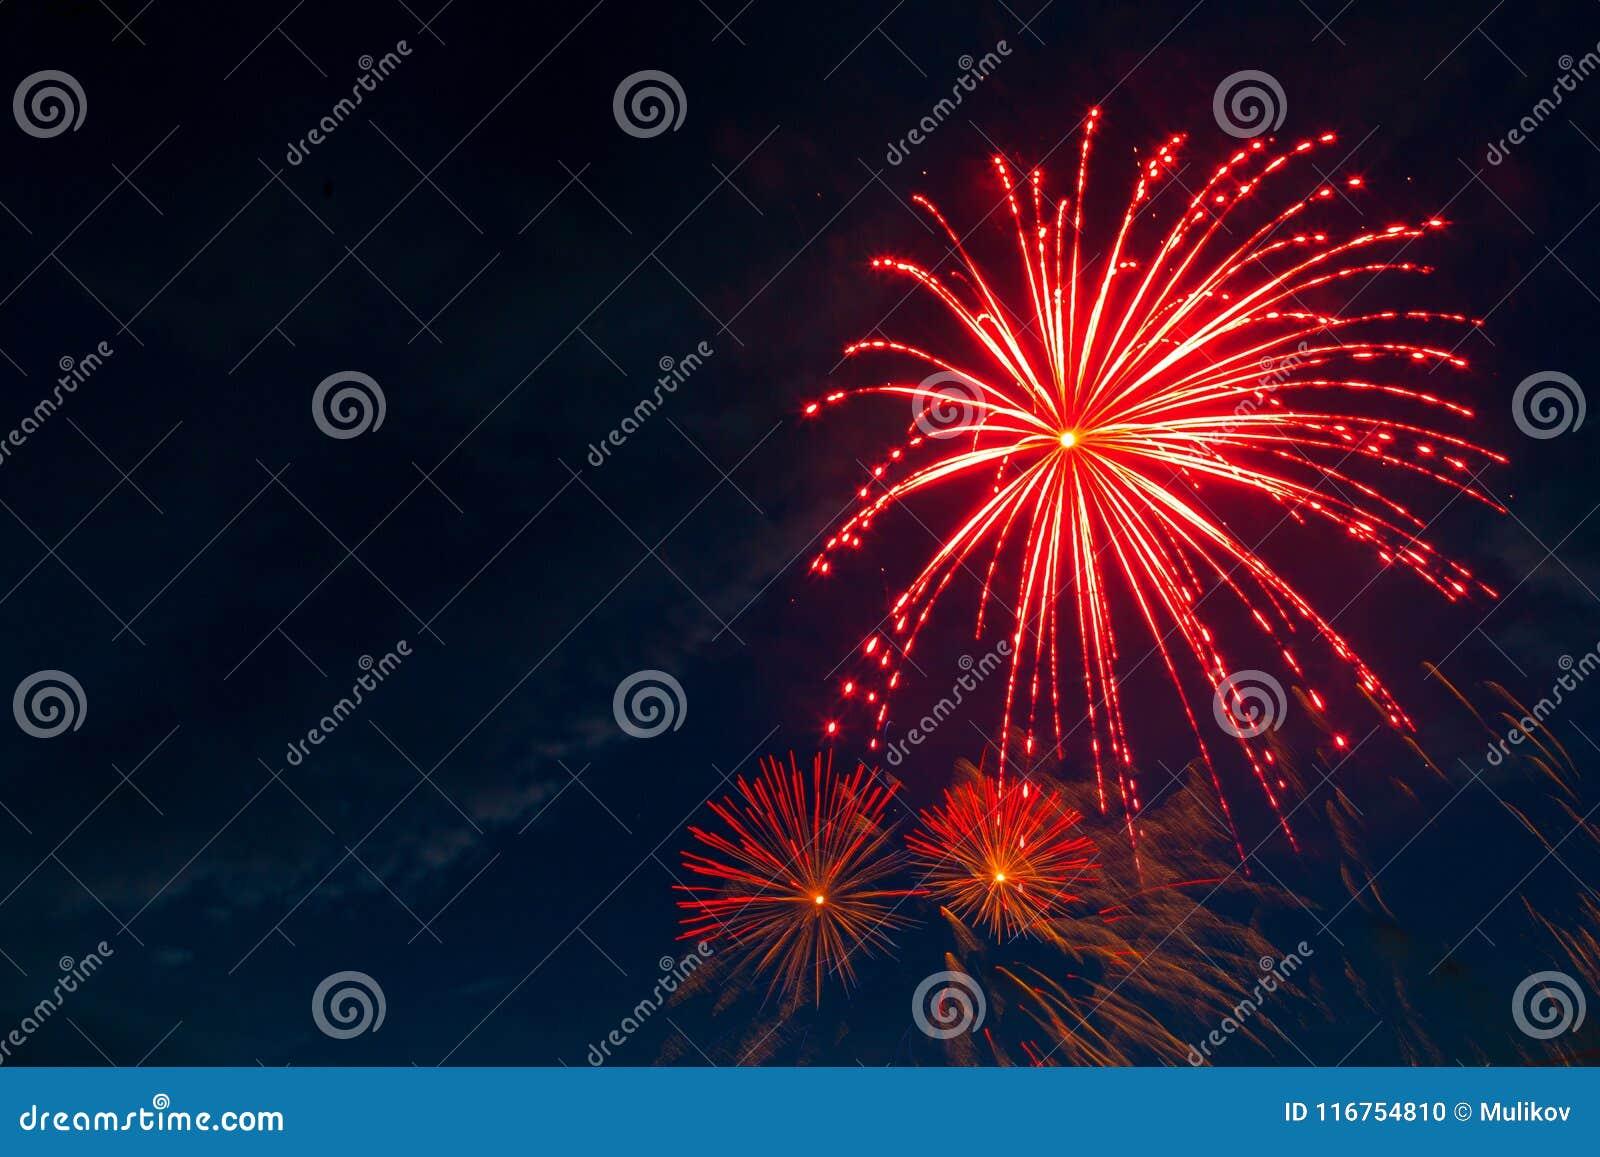 Πυροτεχνήματα φύσημα πέντε - πέντε πυροτεχνημάτων σε 4ο εορτασμός Ιουλίου στις Ηνωμένες Πολιτείες